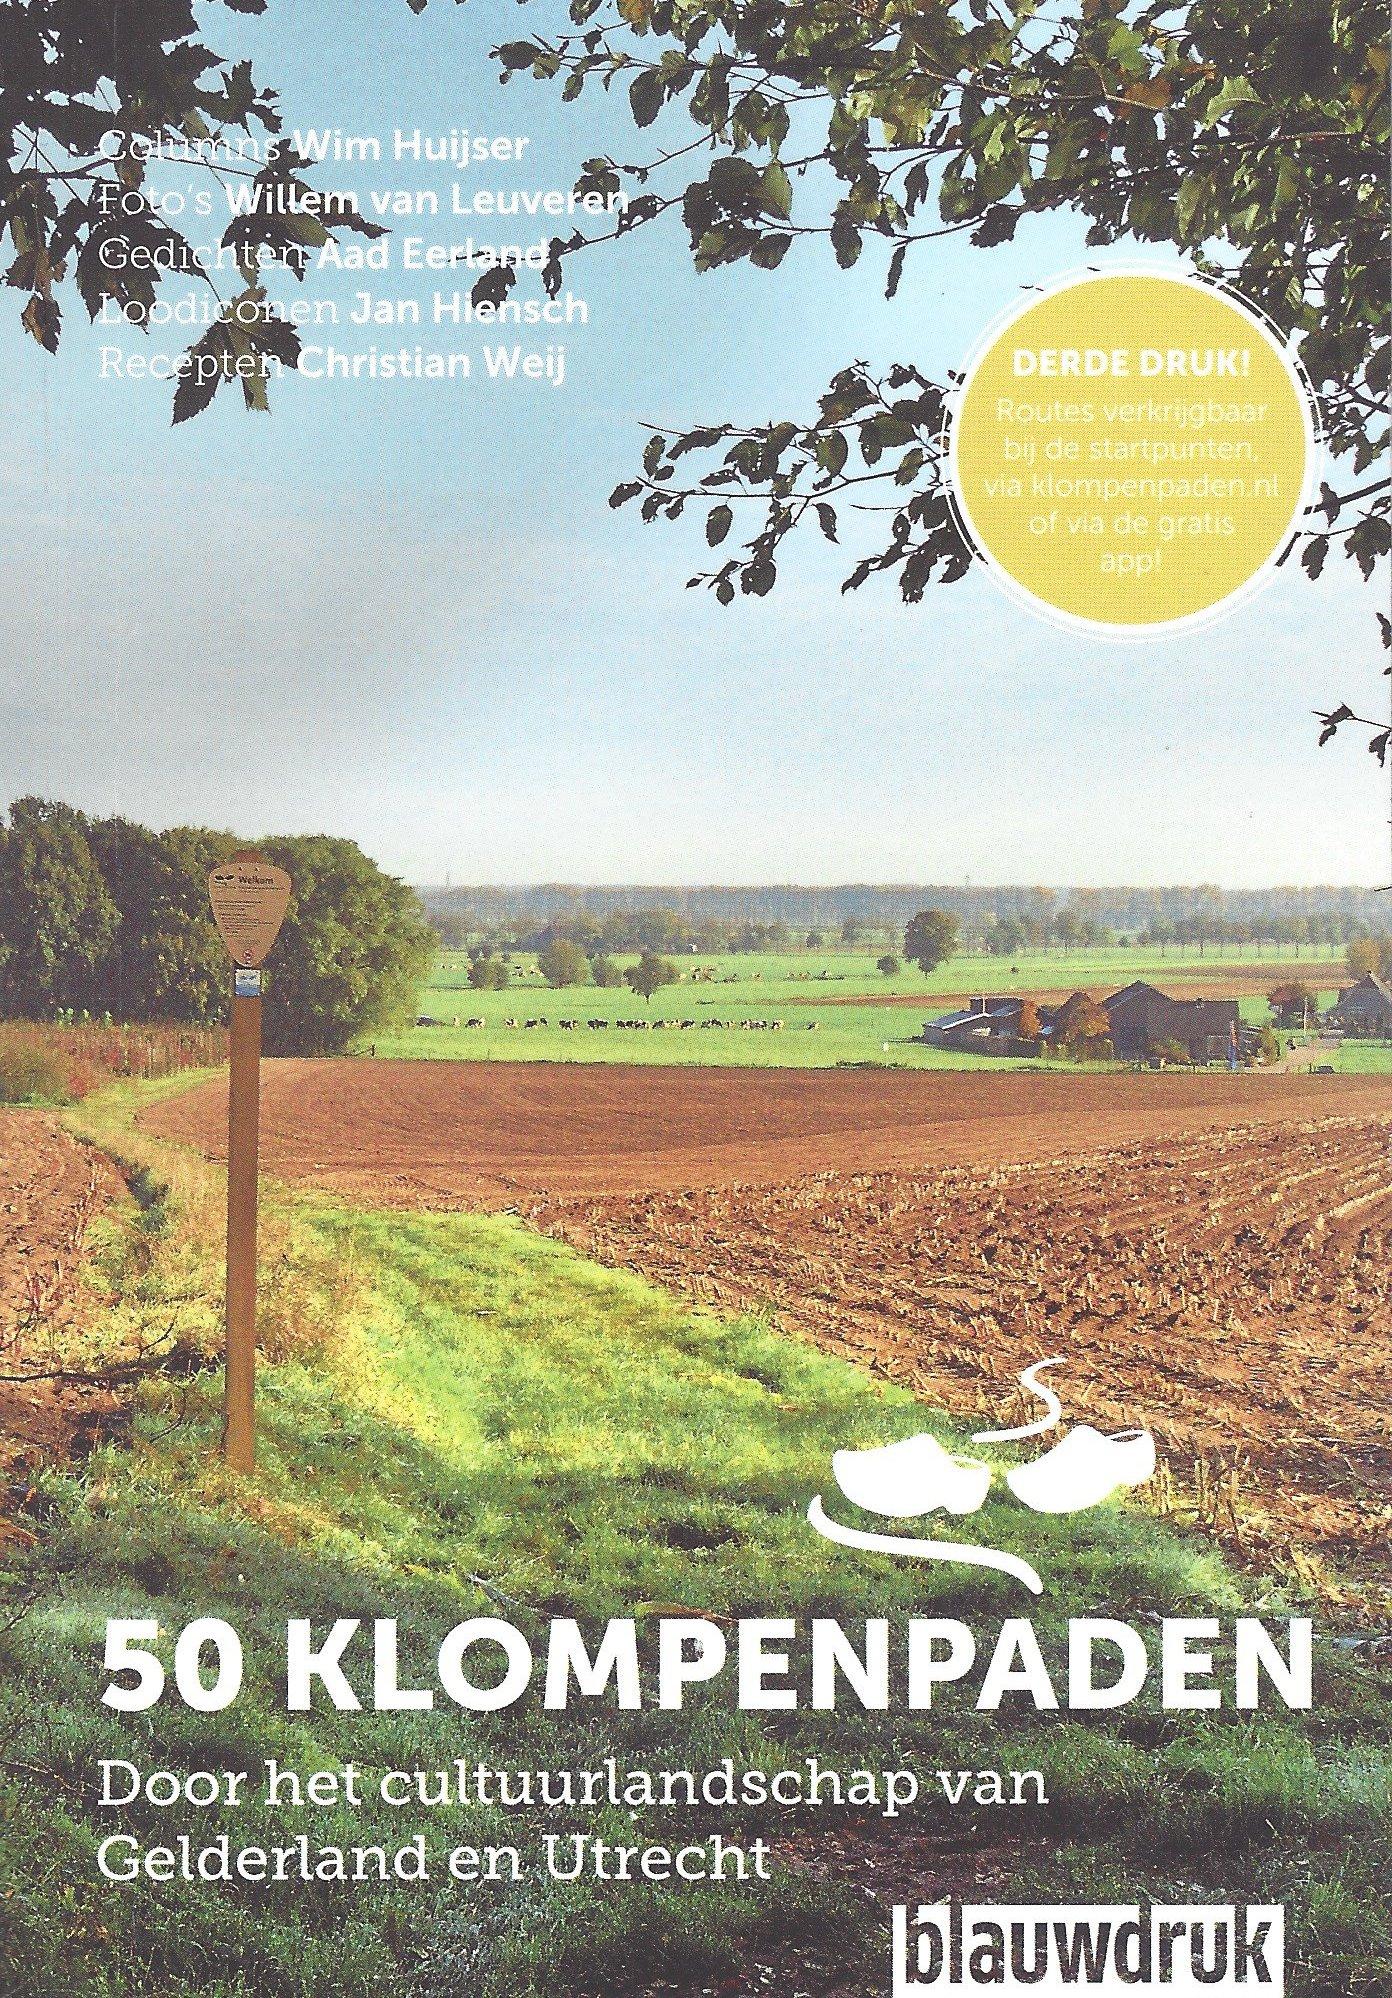 50 Klompenpaden. Door het cultuurlandschap van Gelderland en Utrecht